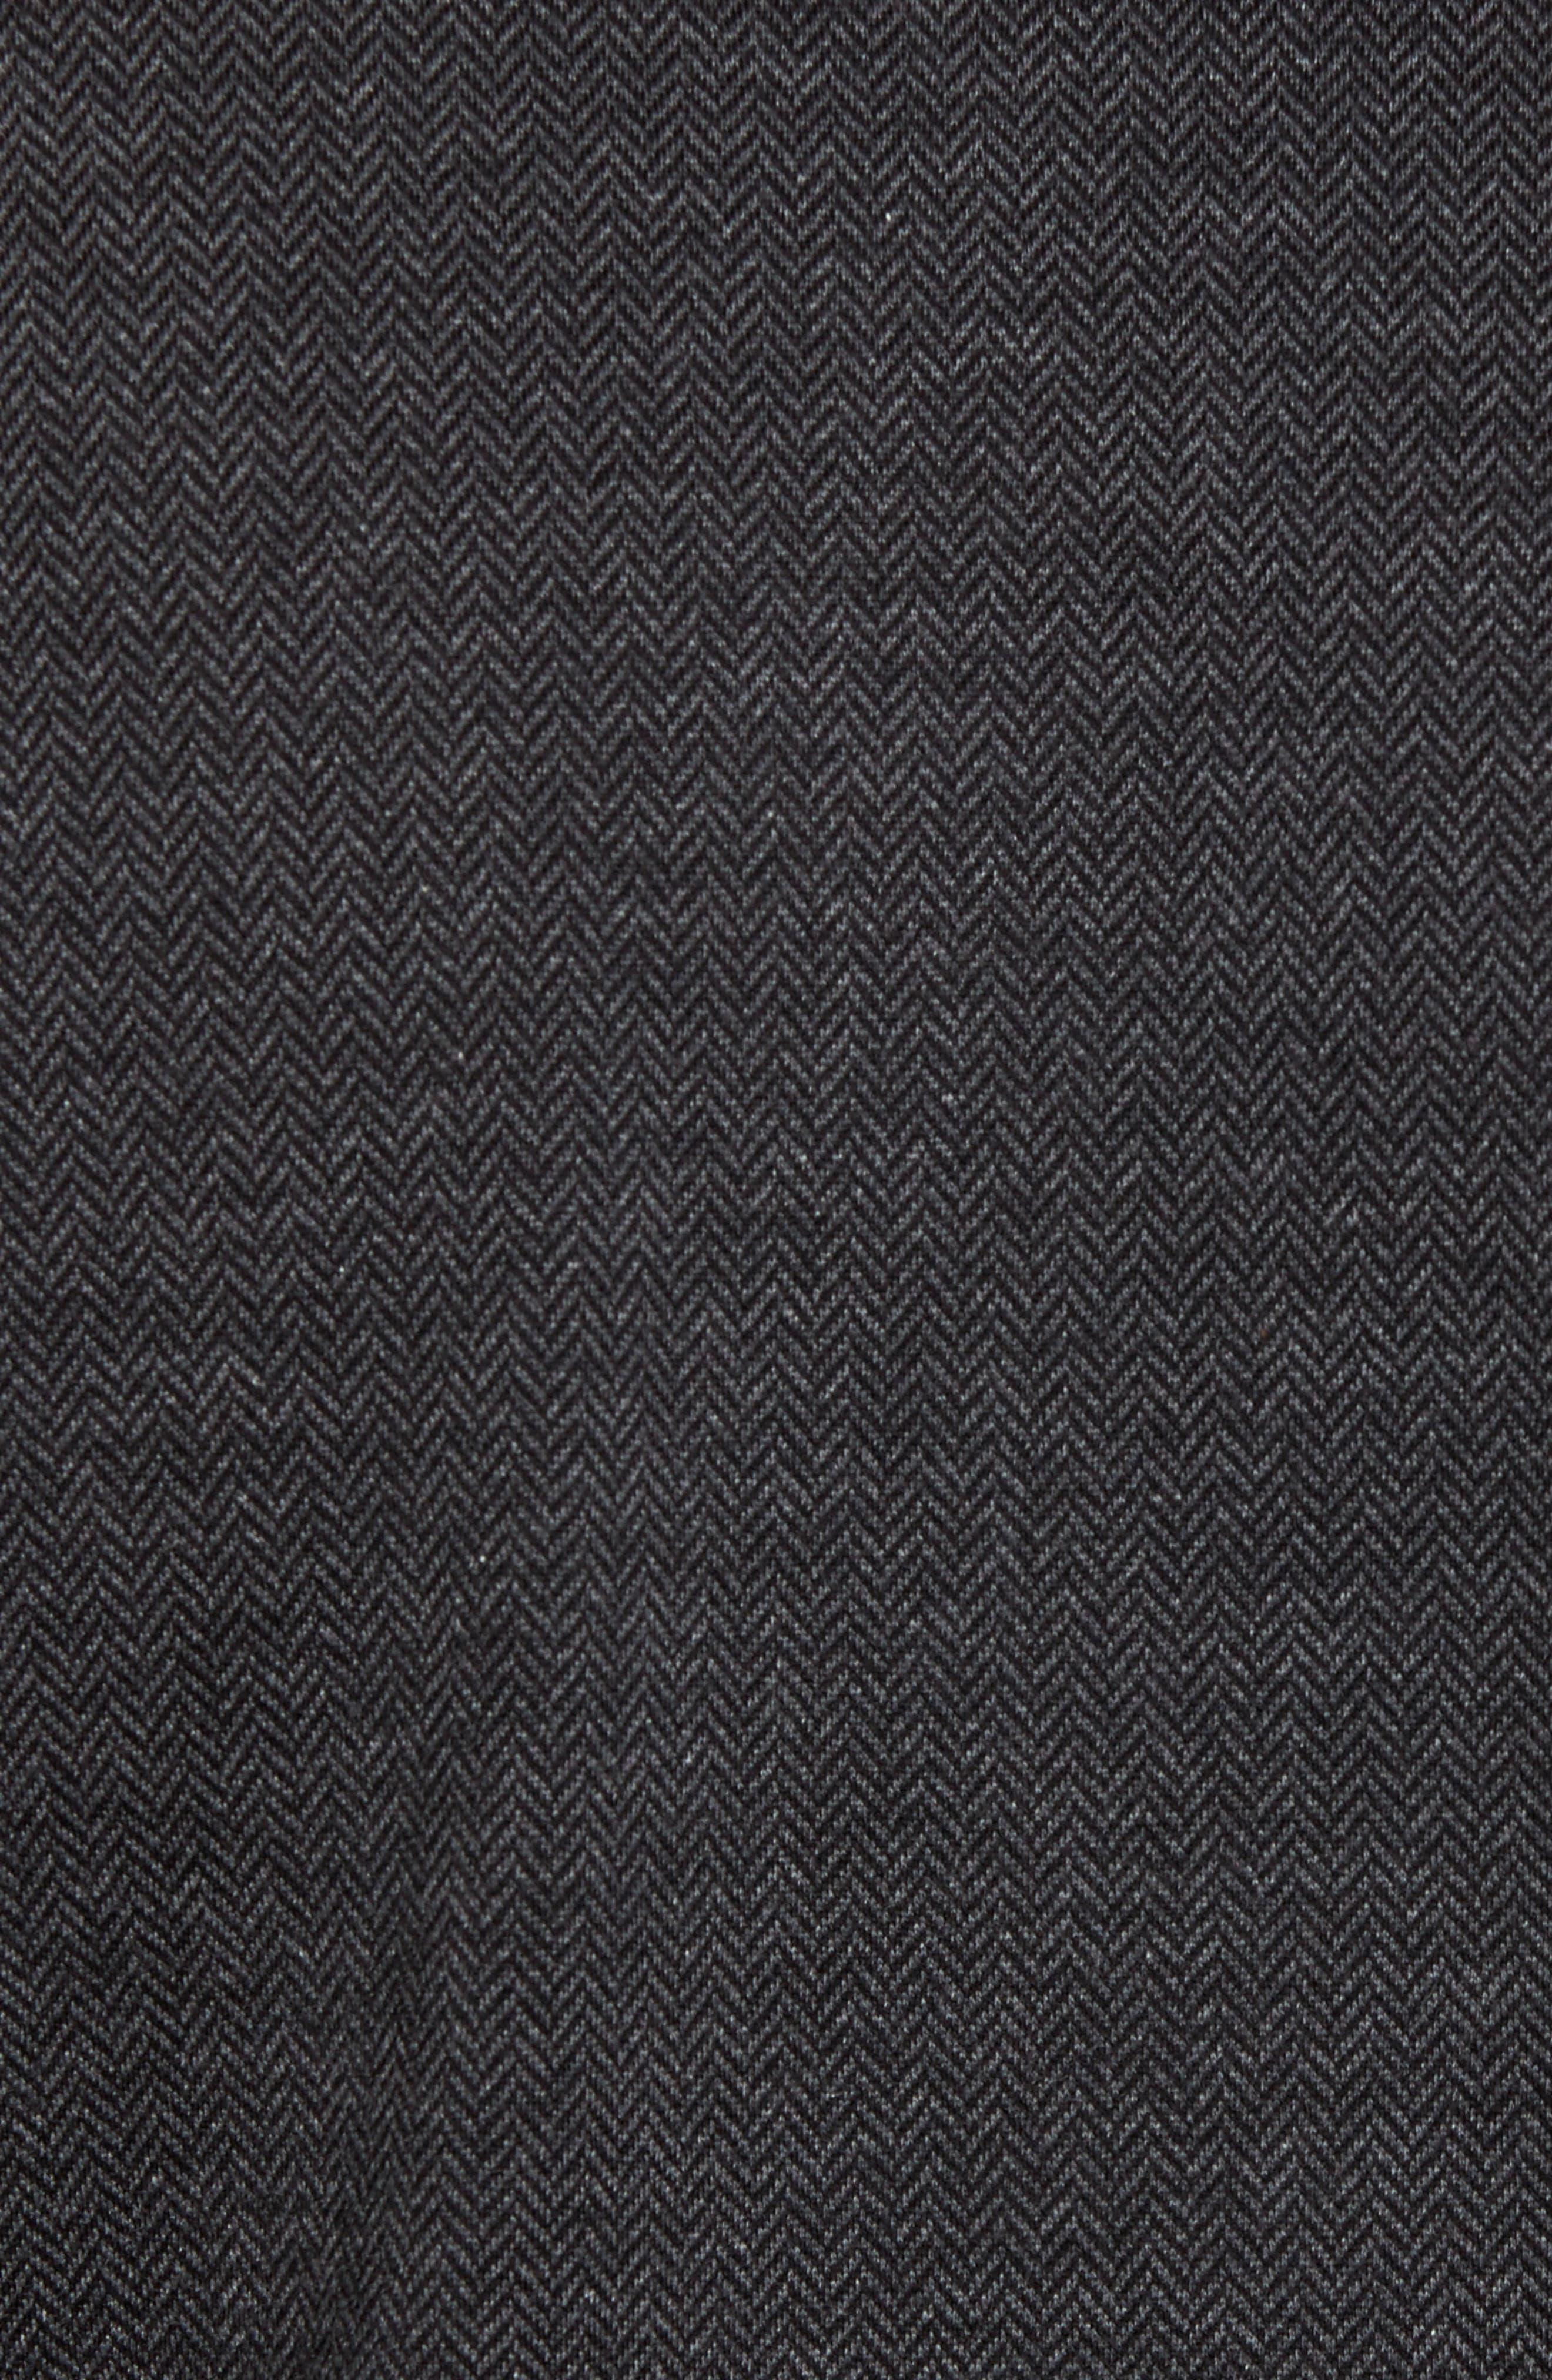 Herringbone Jacquard Polo,                             Alternate thumbnail 5, color,                             010